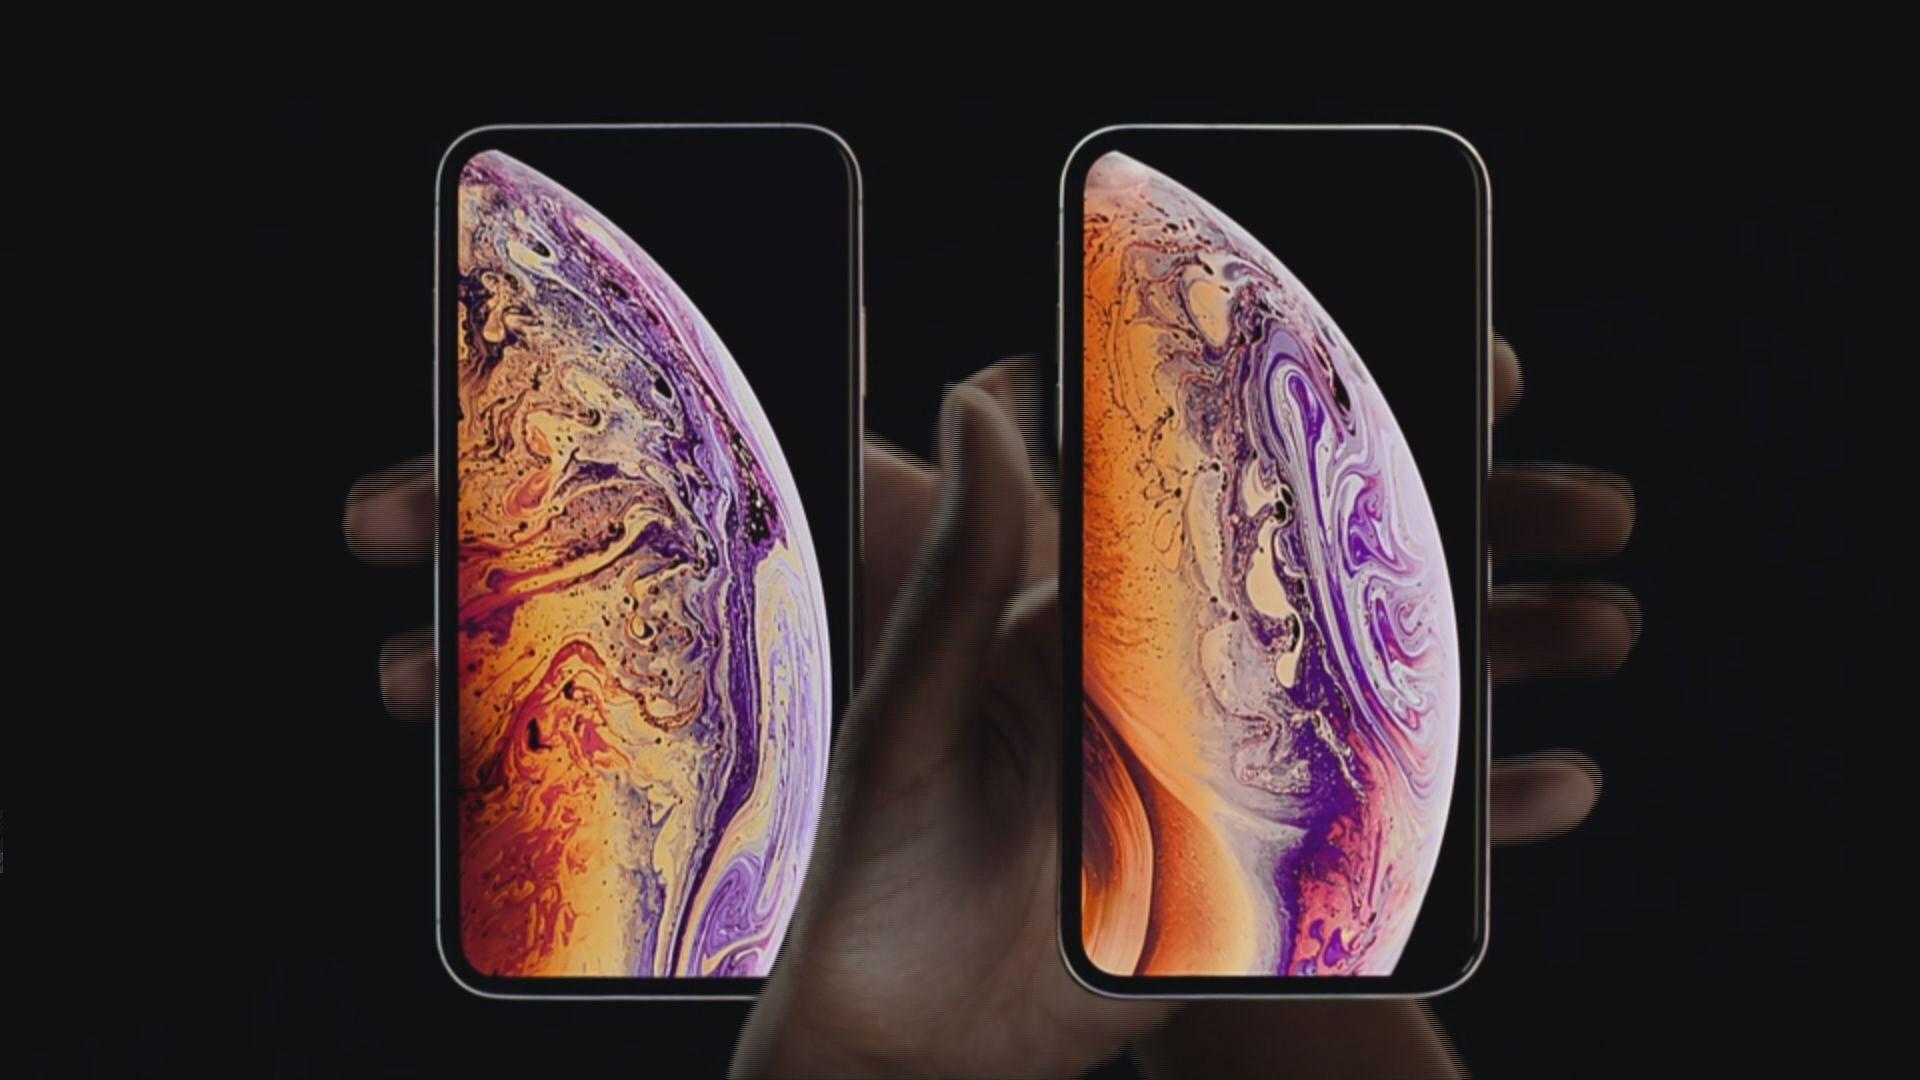 蘋果公司推出3款新手機和新款智能手錶